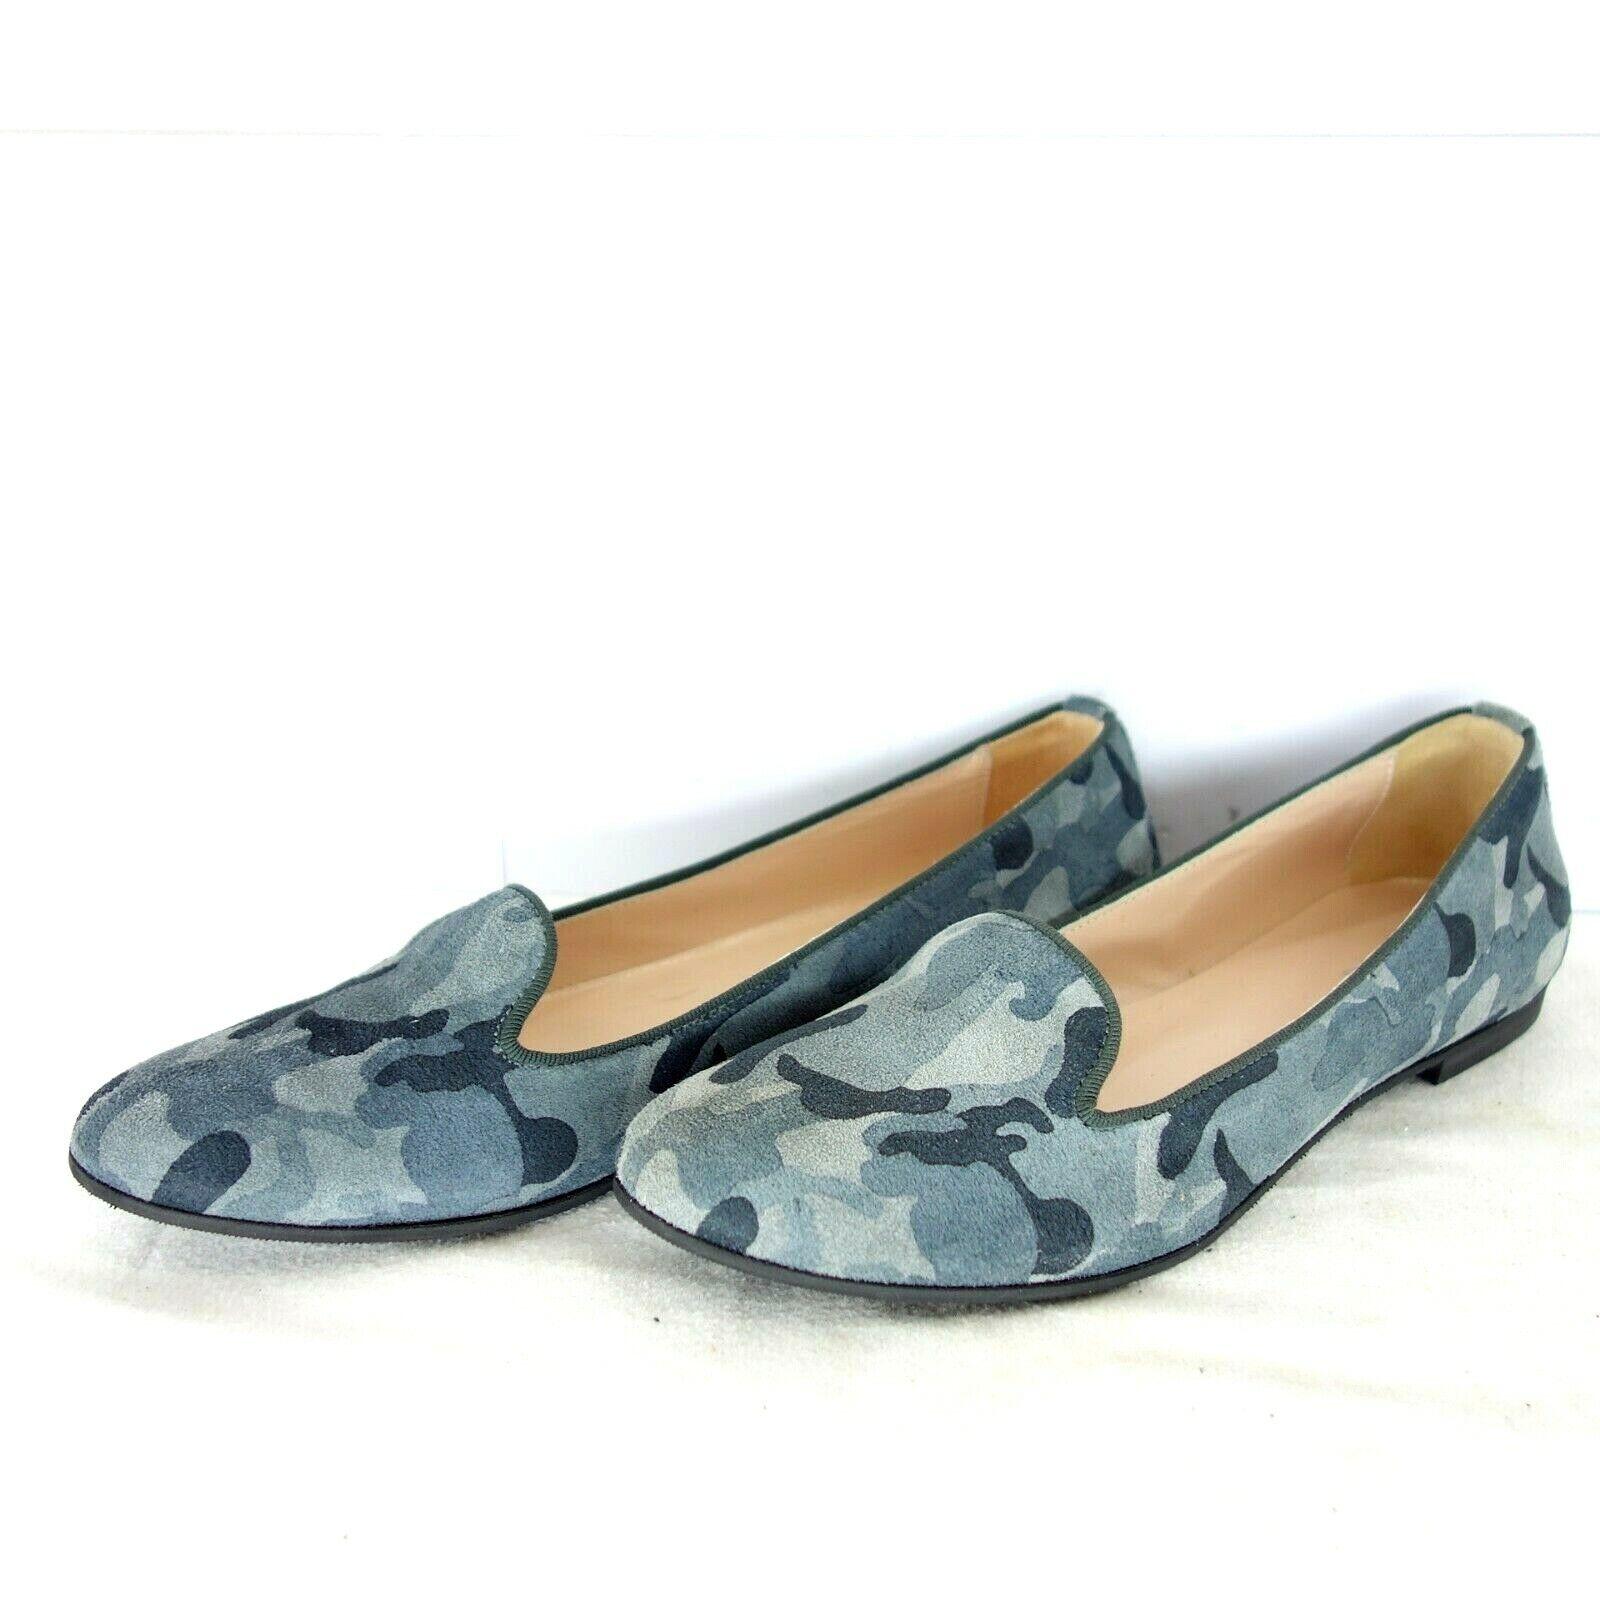 GALLUCCI Damen Schuhe Ballerinas Loafer Blau Leder Camouflage Rund NP 169 NEU